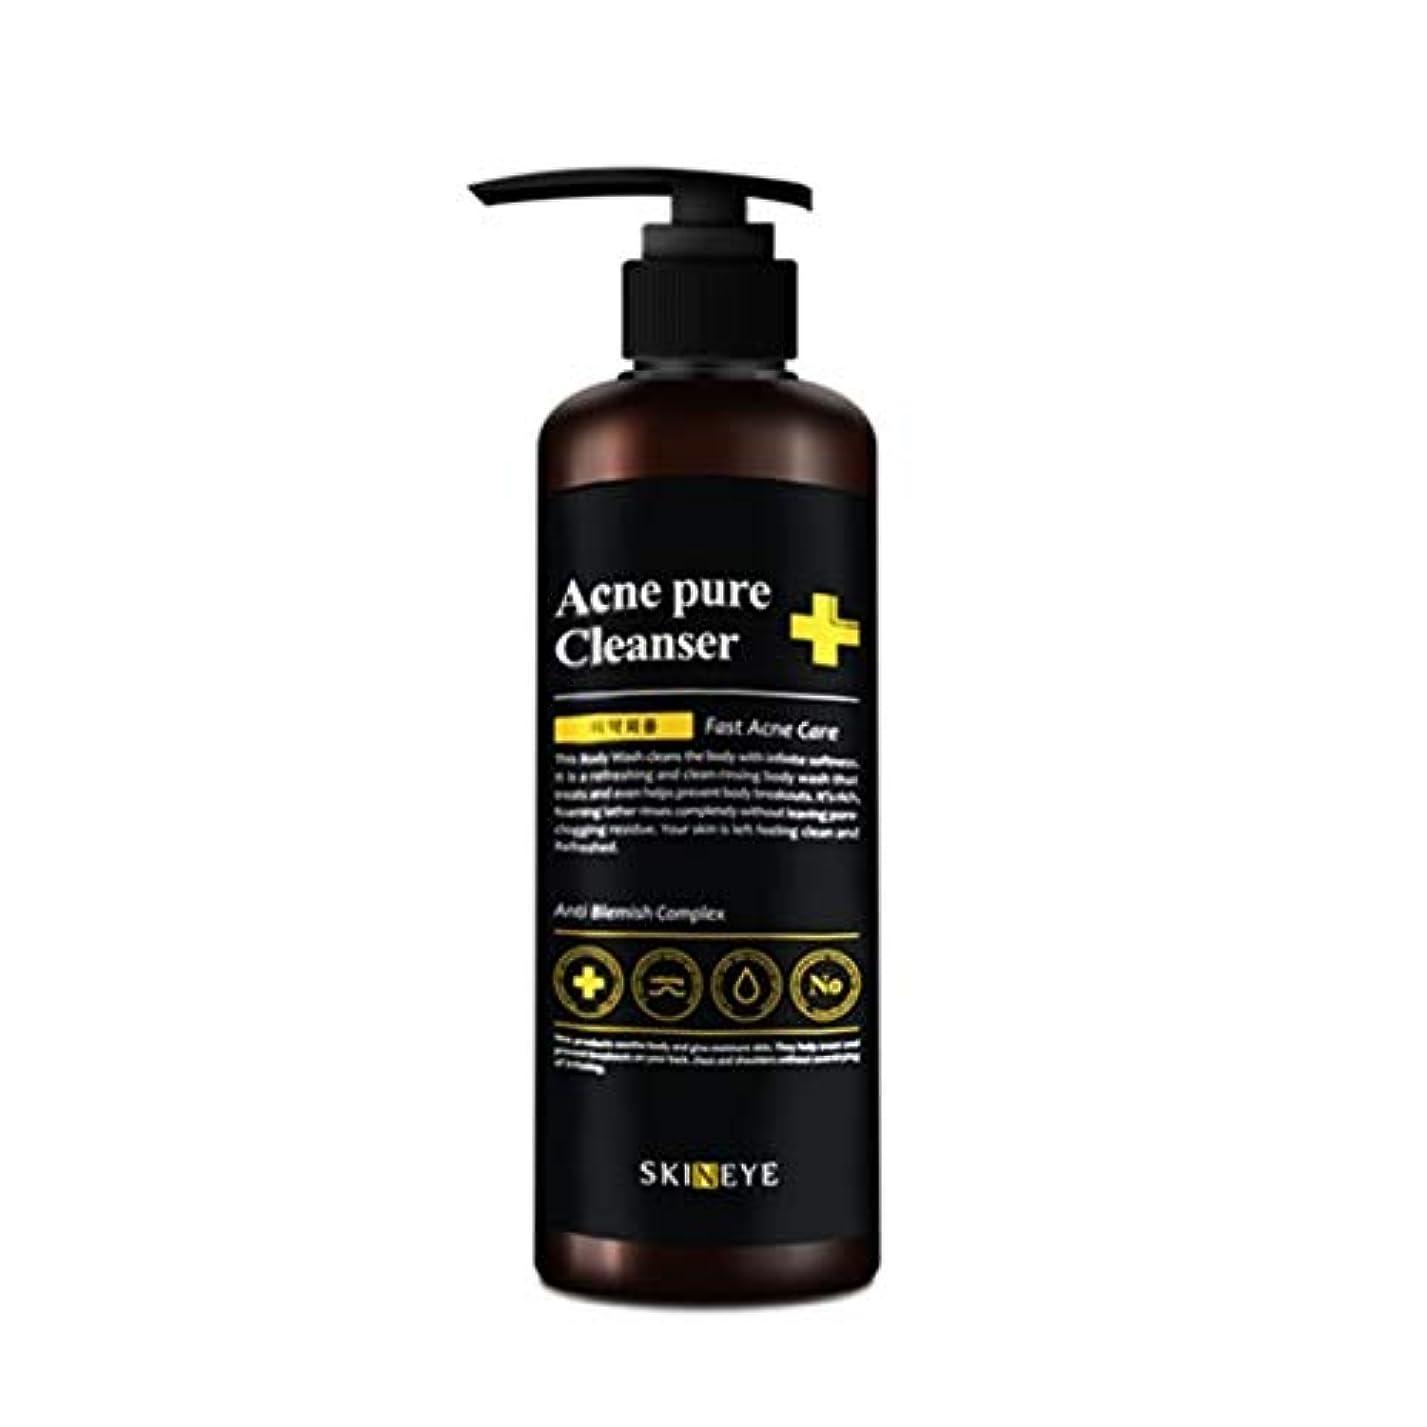 スキンアイアクネピュアクレンザー300mlの老廃物除去、Skineye Acne Pure Cleanser 300ml Waste Removal [並行輸入品]